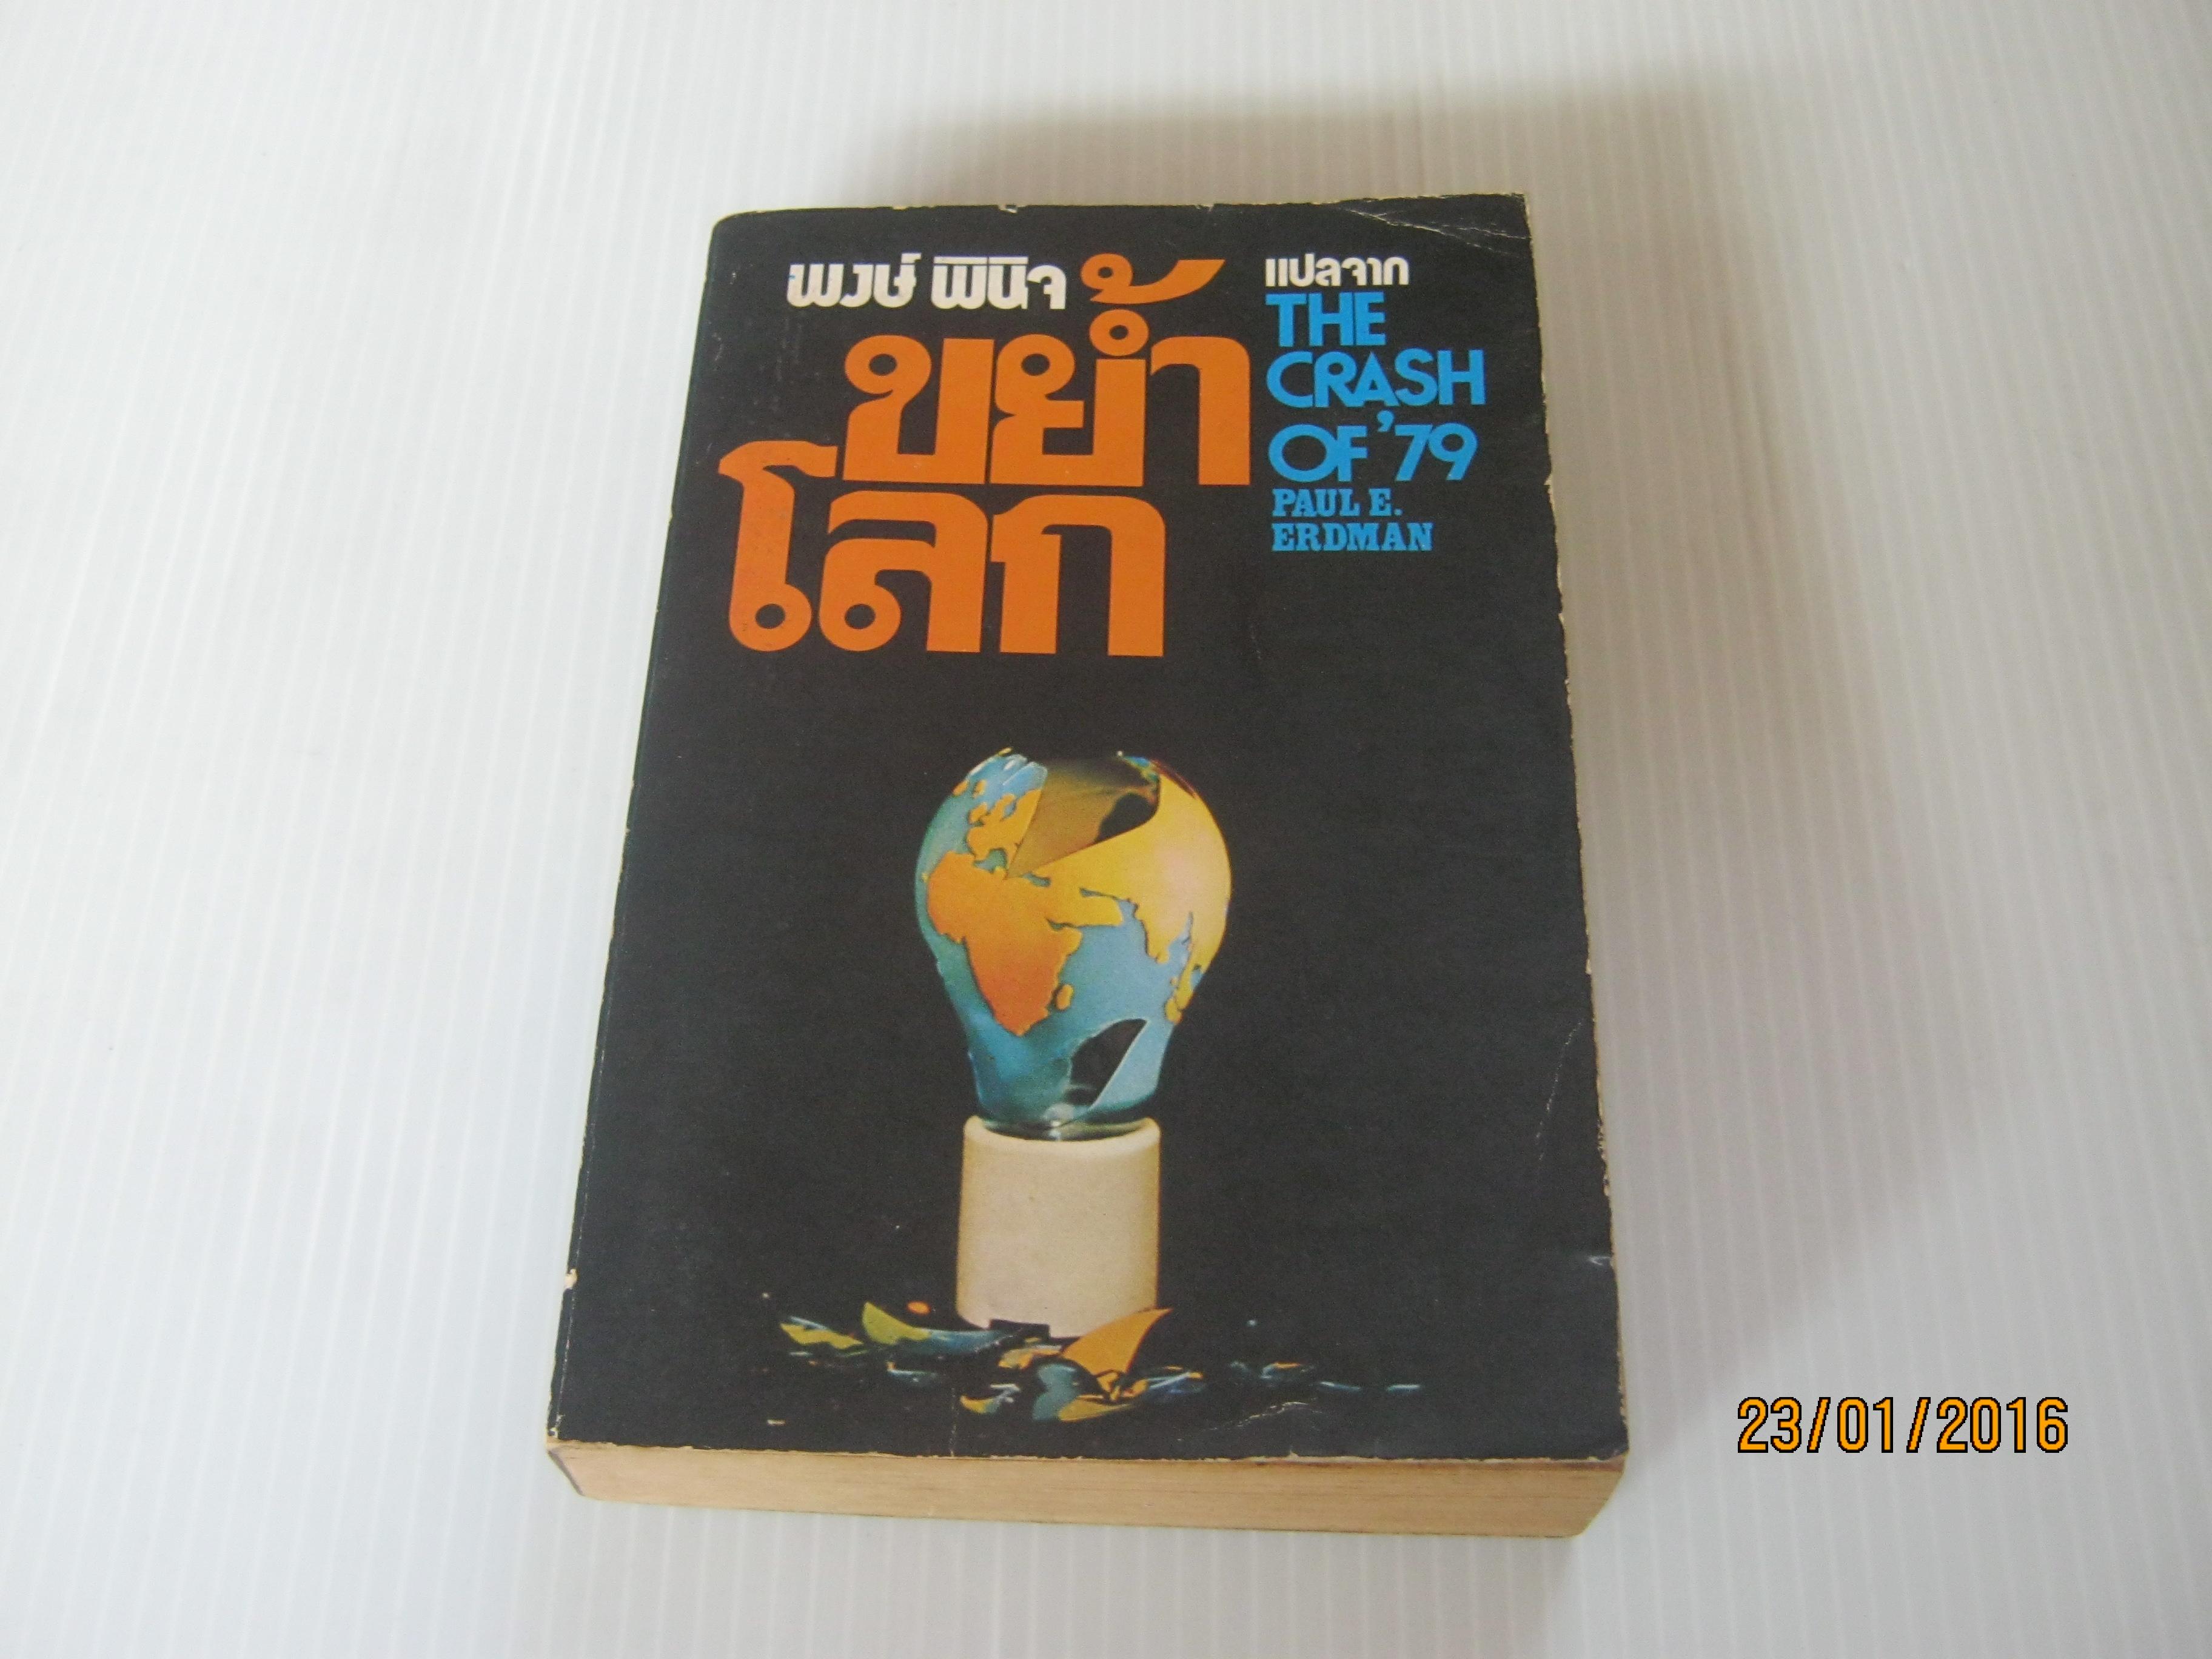 ขย้ำโลก (The Crash of '79) Paul E. Erdman เขียน พงษ์ พินิจ แปล